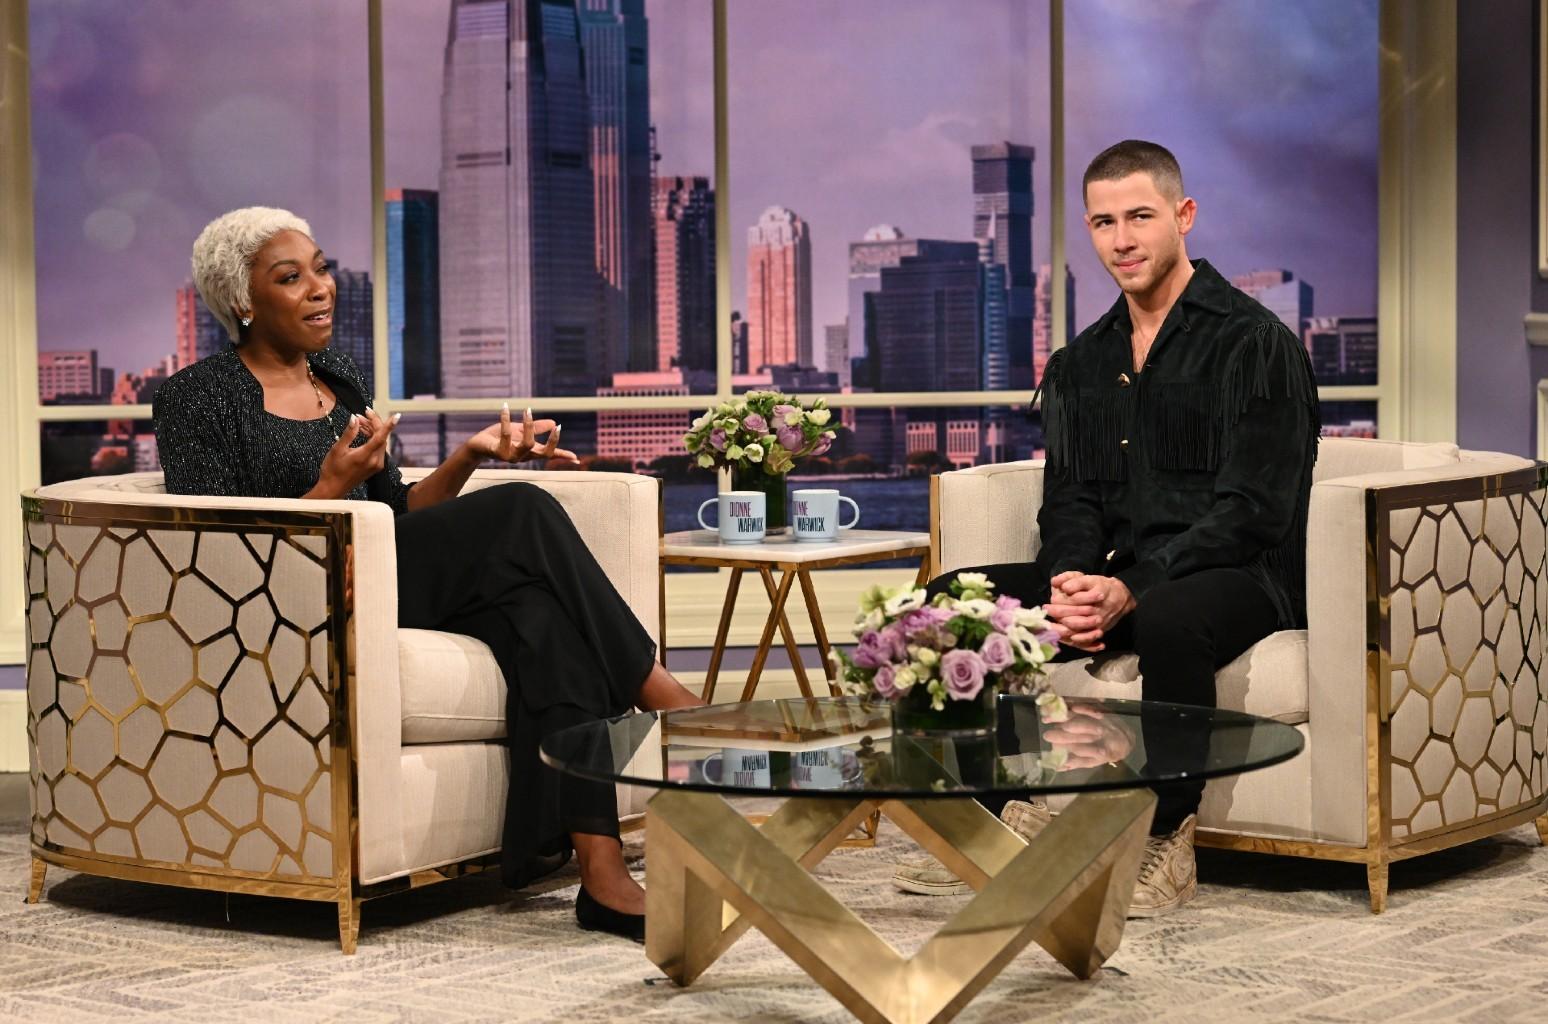 Дионн Уорвик задает несколько непристойных вопросов Нику Джонасу в шоу «Субботним вечером в прямом эфире»